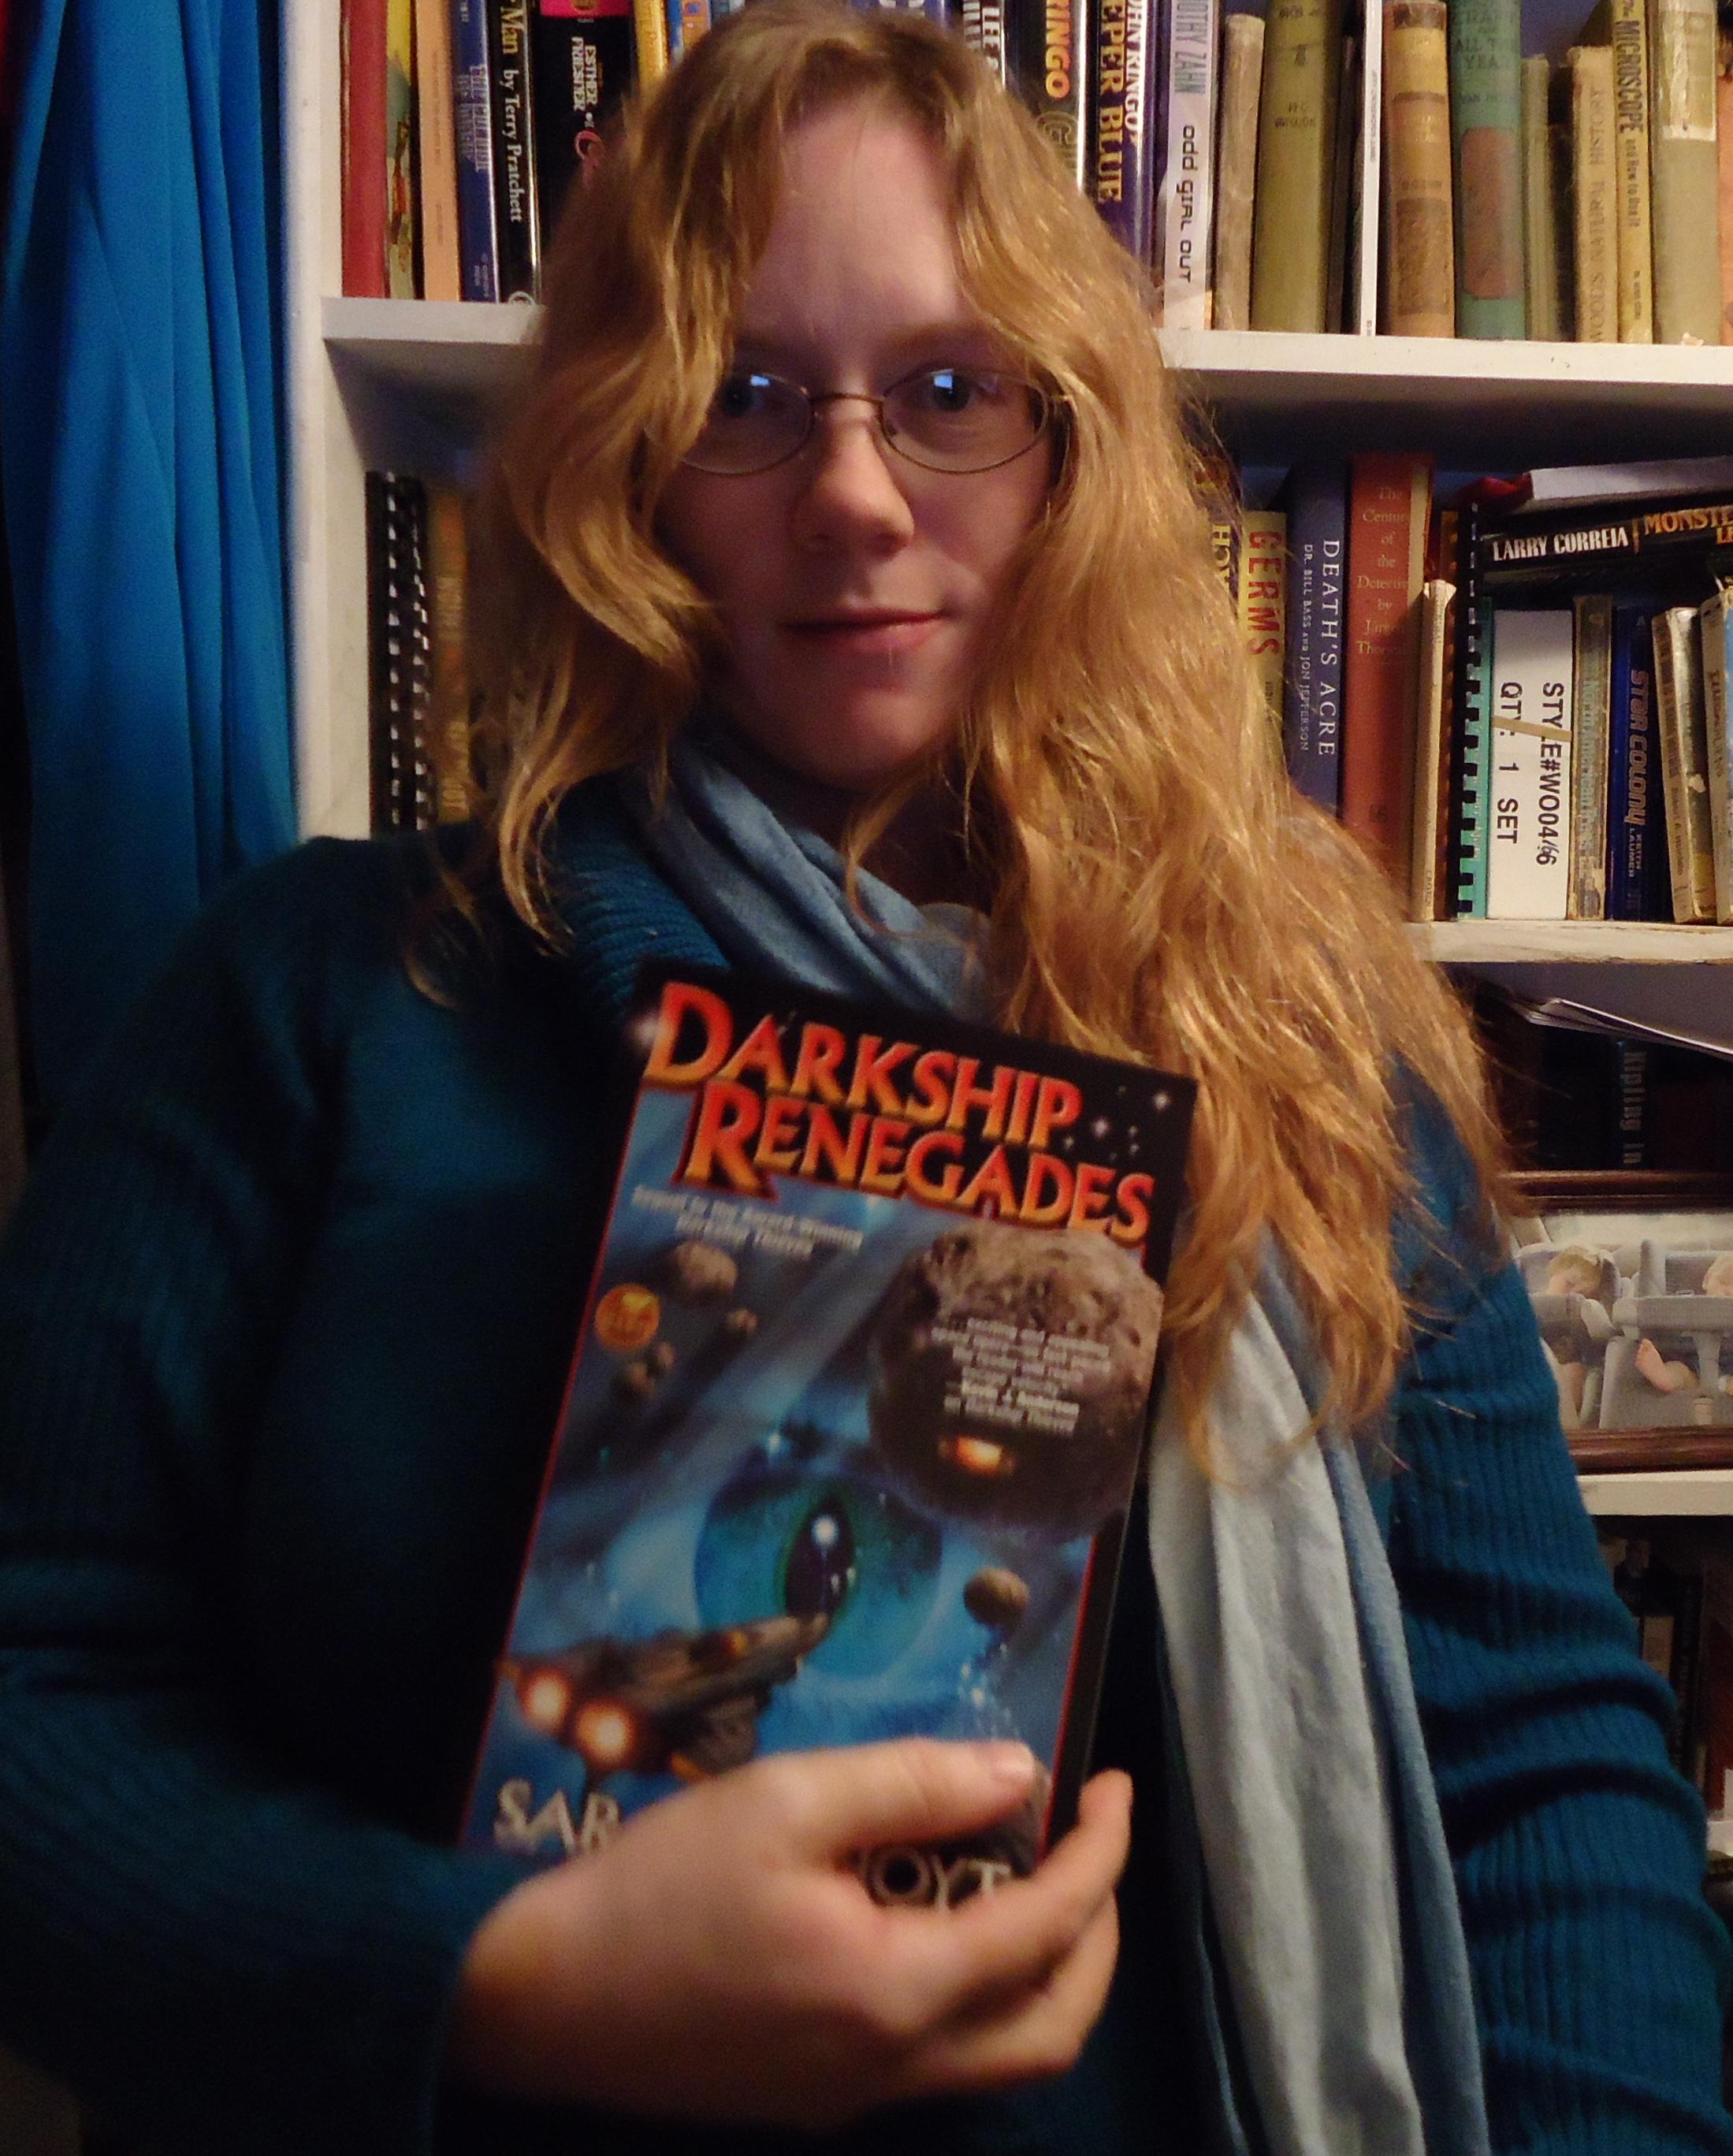 Sarah Hoyt's Darkship Series